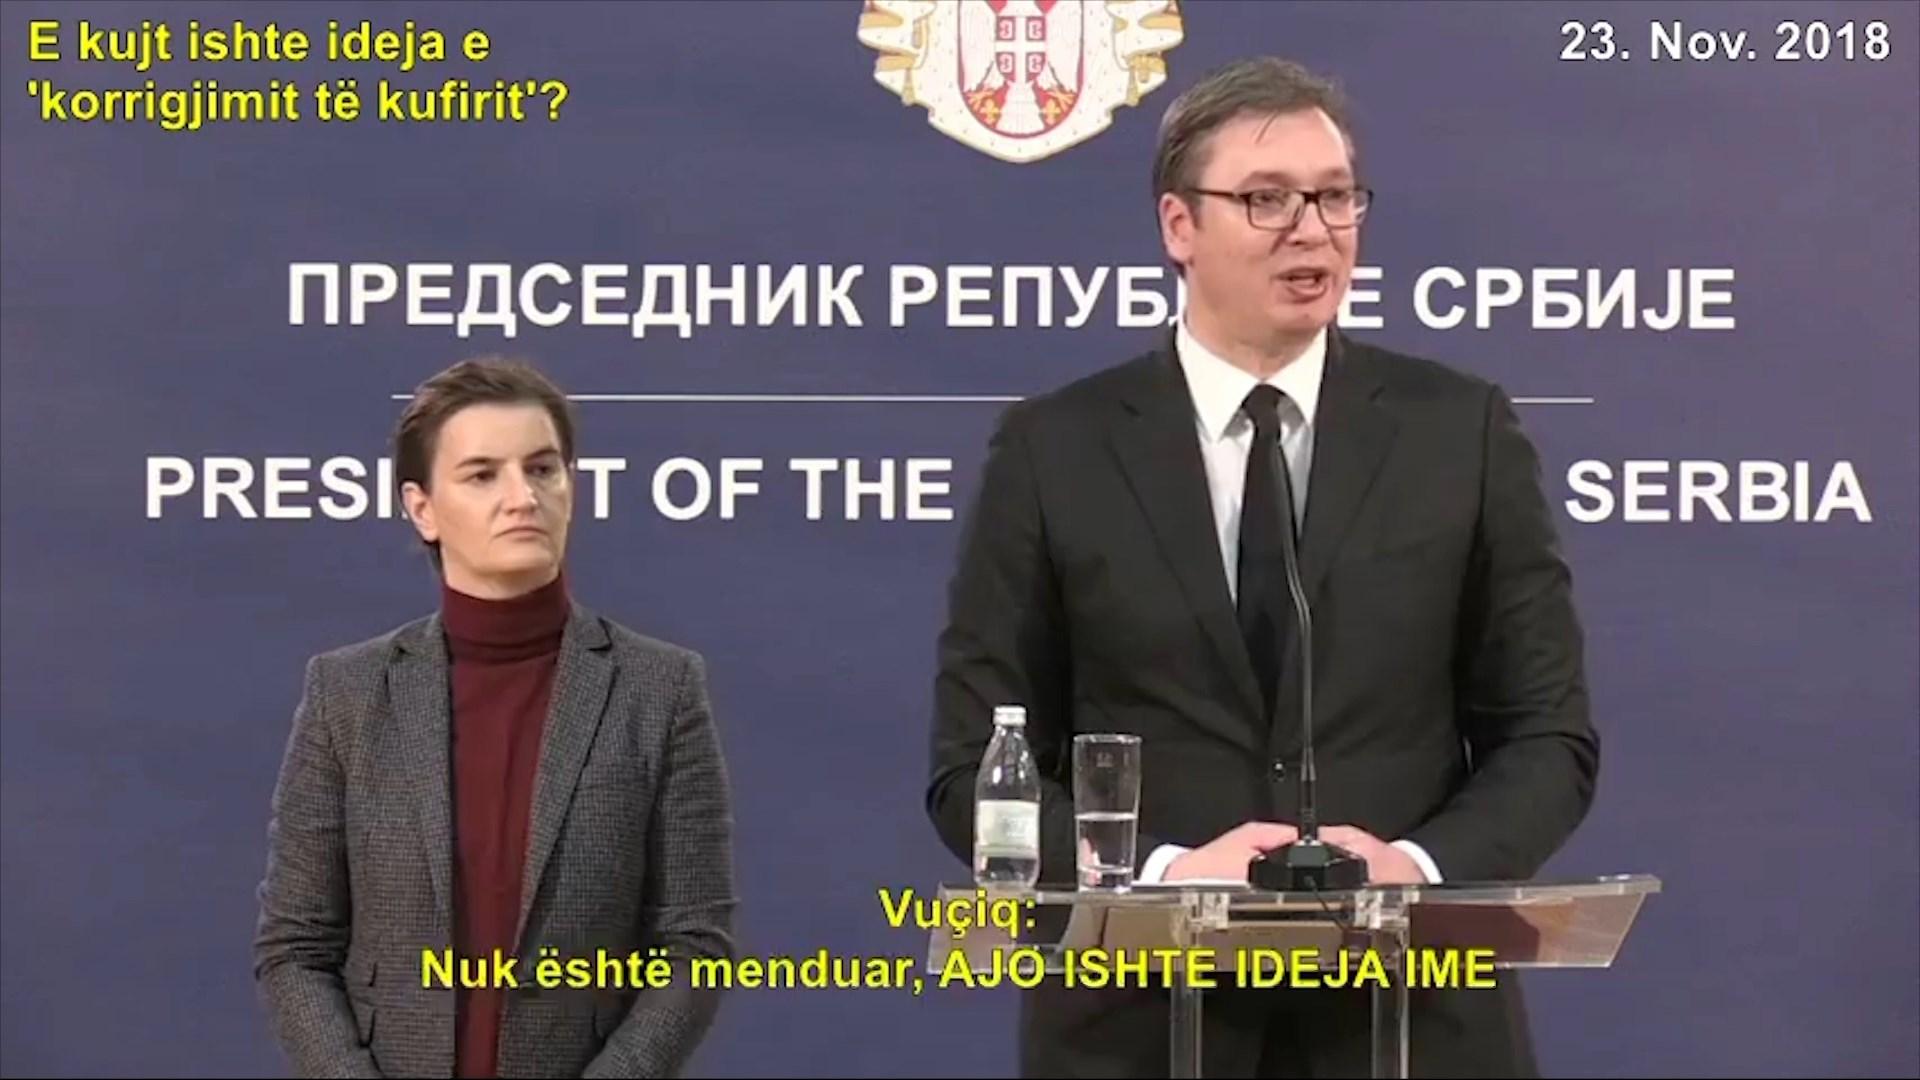 Vuçiç tërhiqet nga ideja për ndryshimin e kufijve me Kosovën